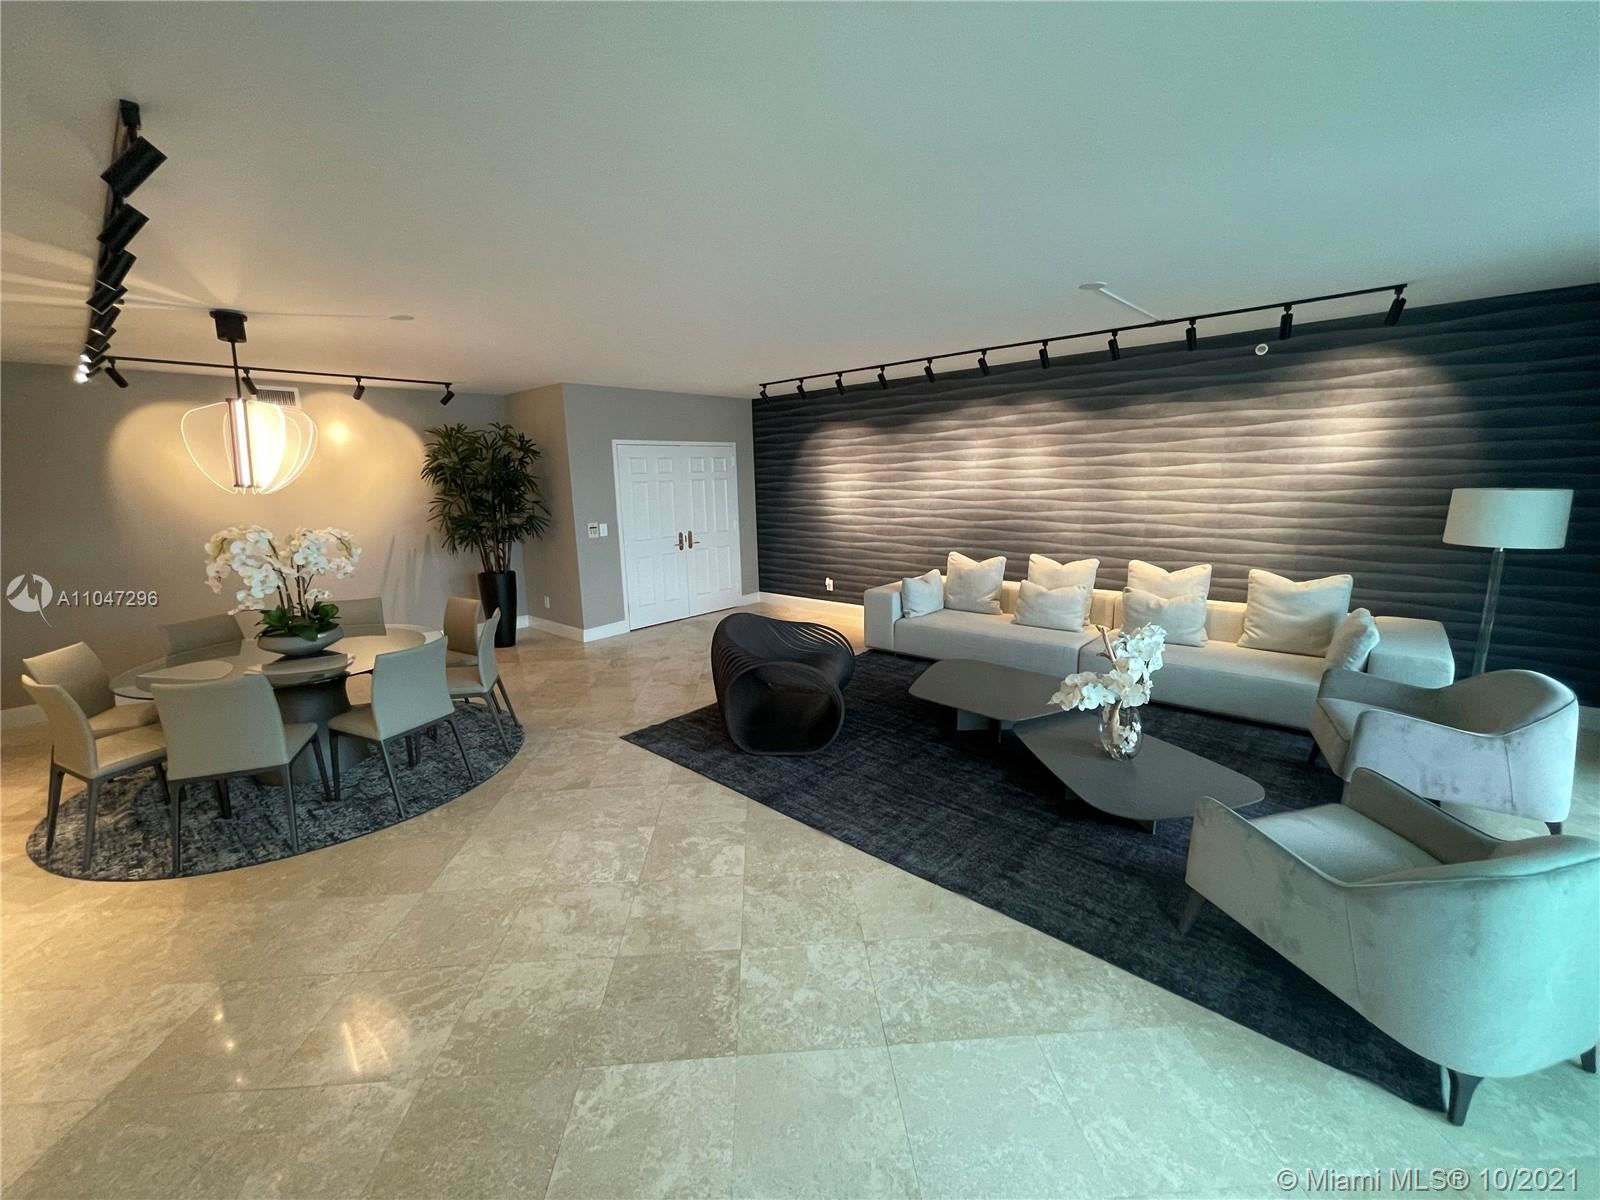 1643 Brickell Ave #1005, Miami, FL 33129 - #: A11047296